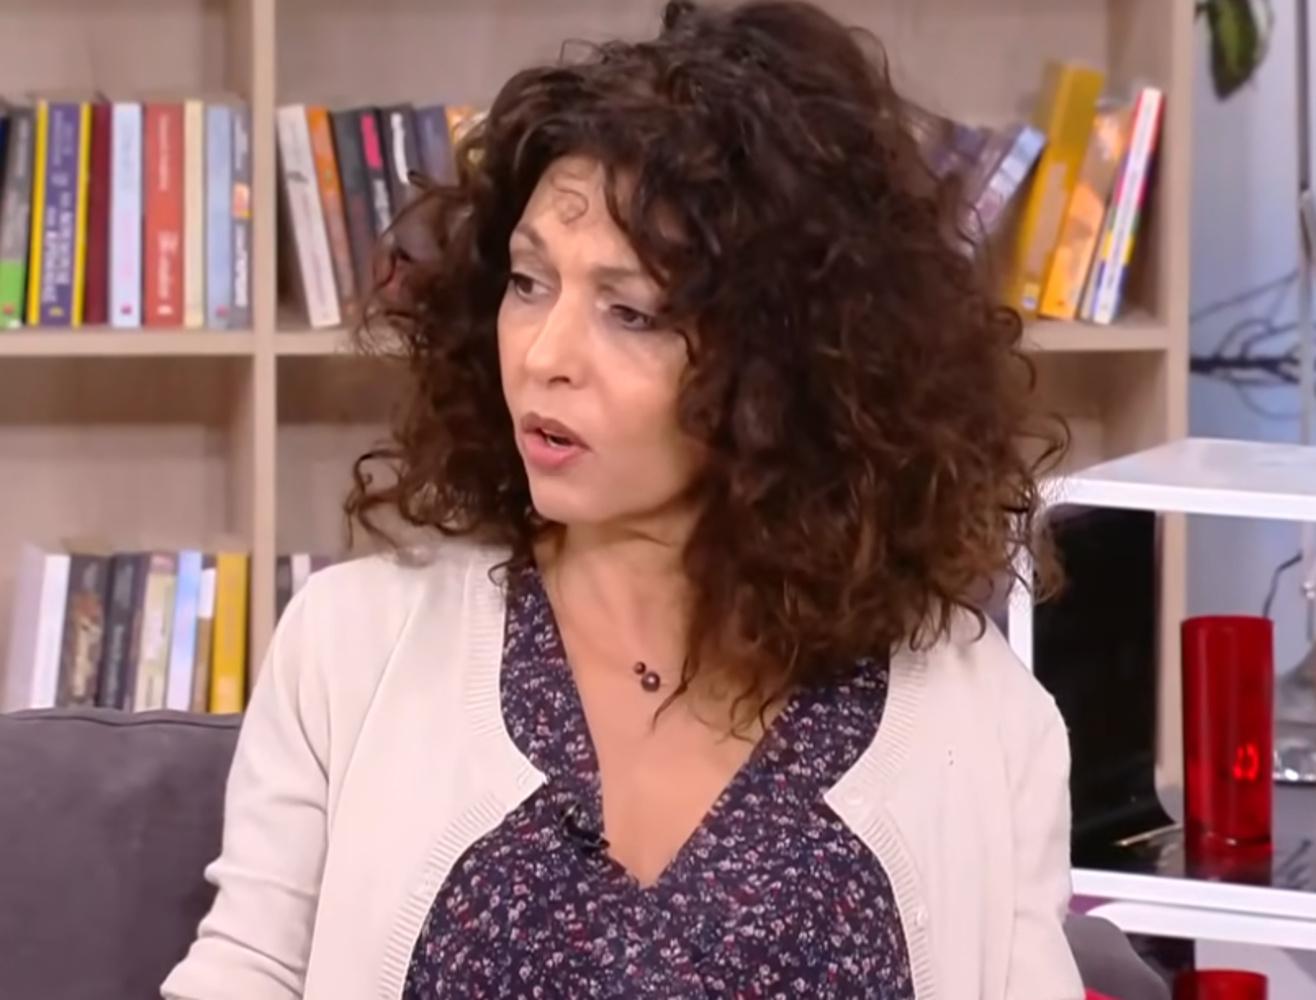 Σοκάρει η ηθοποιός Δήμητρα Παπαδήμα: «Σκηνοθέτης μου ζήτησε να κάνω τρίο»